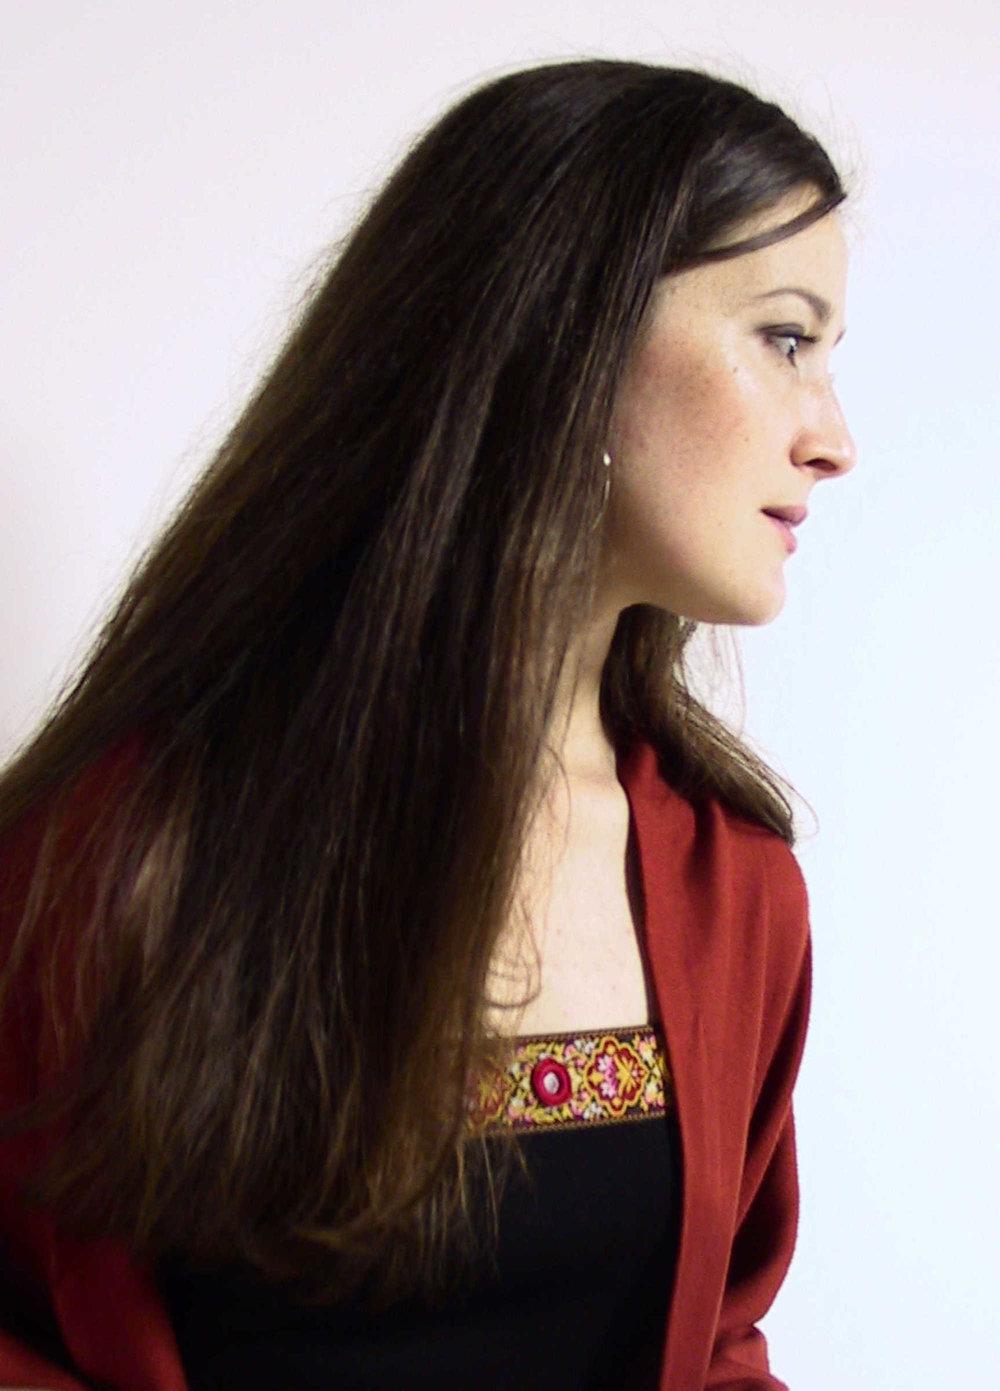 Cecilia Lueza pic.JPG